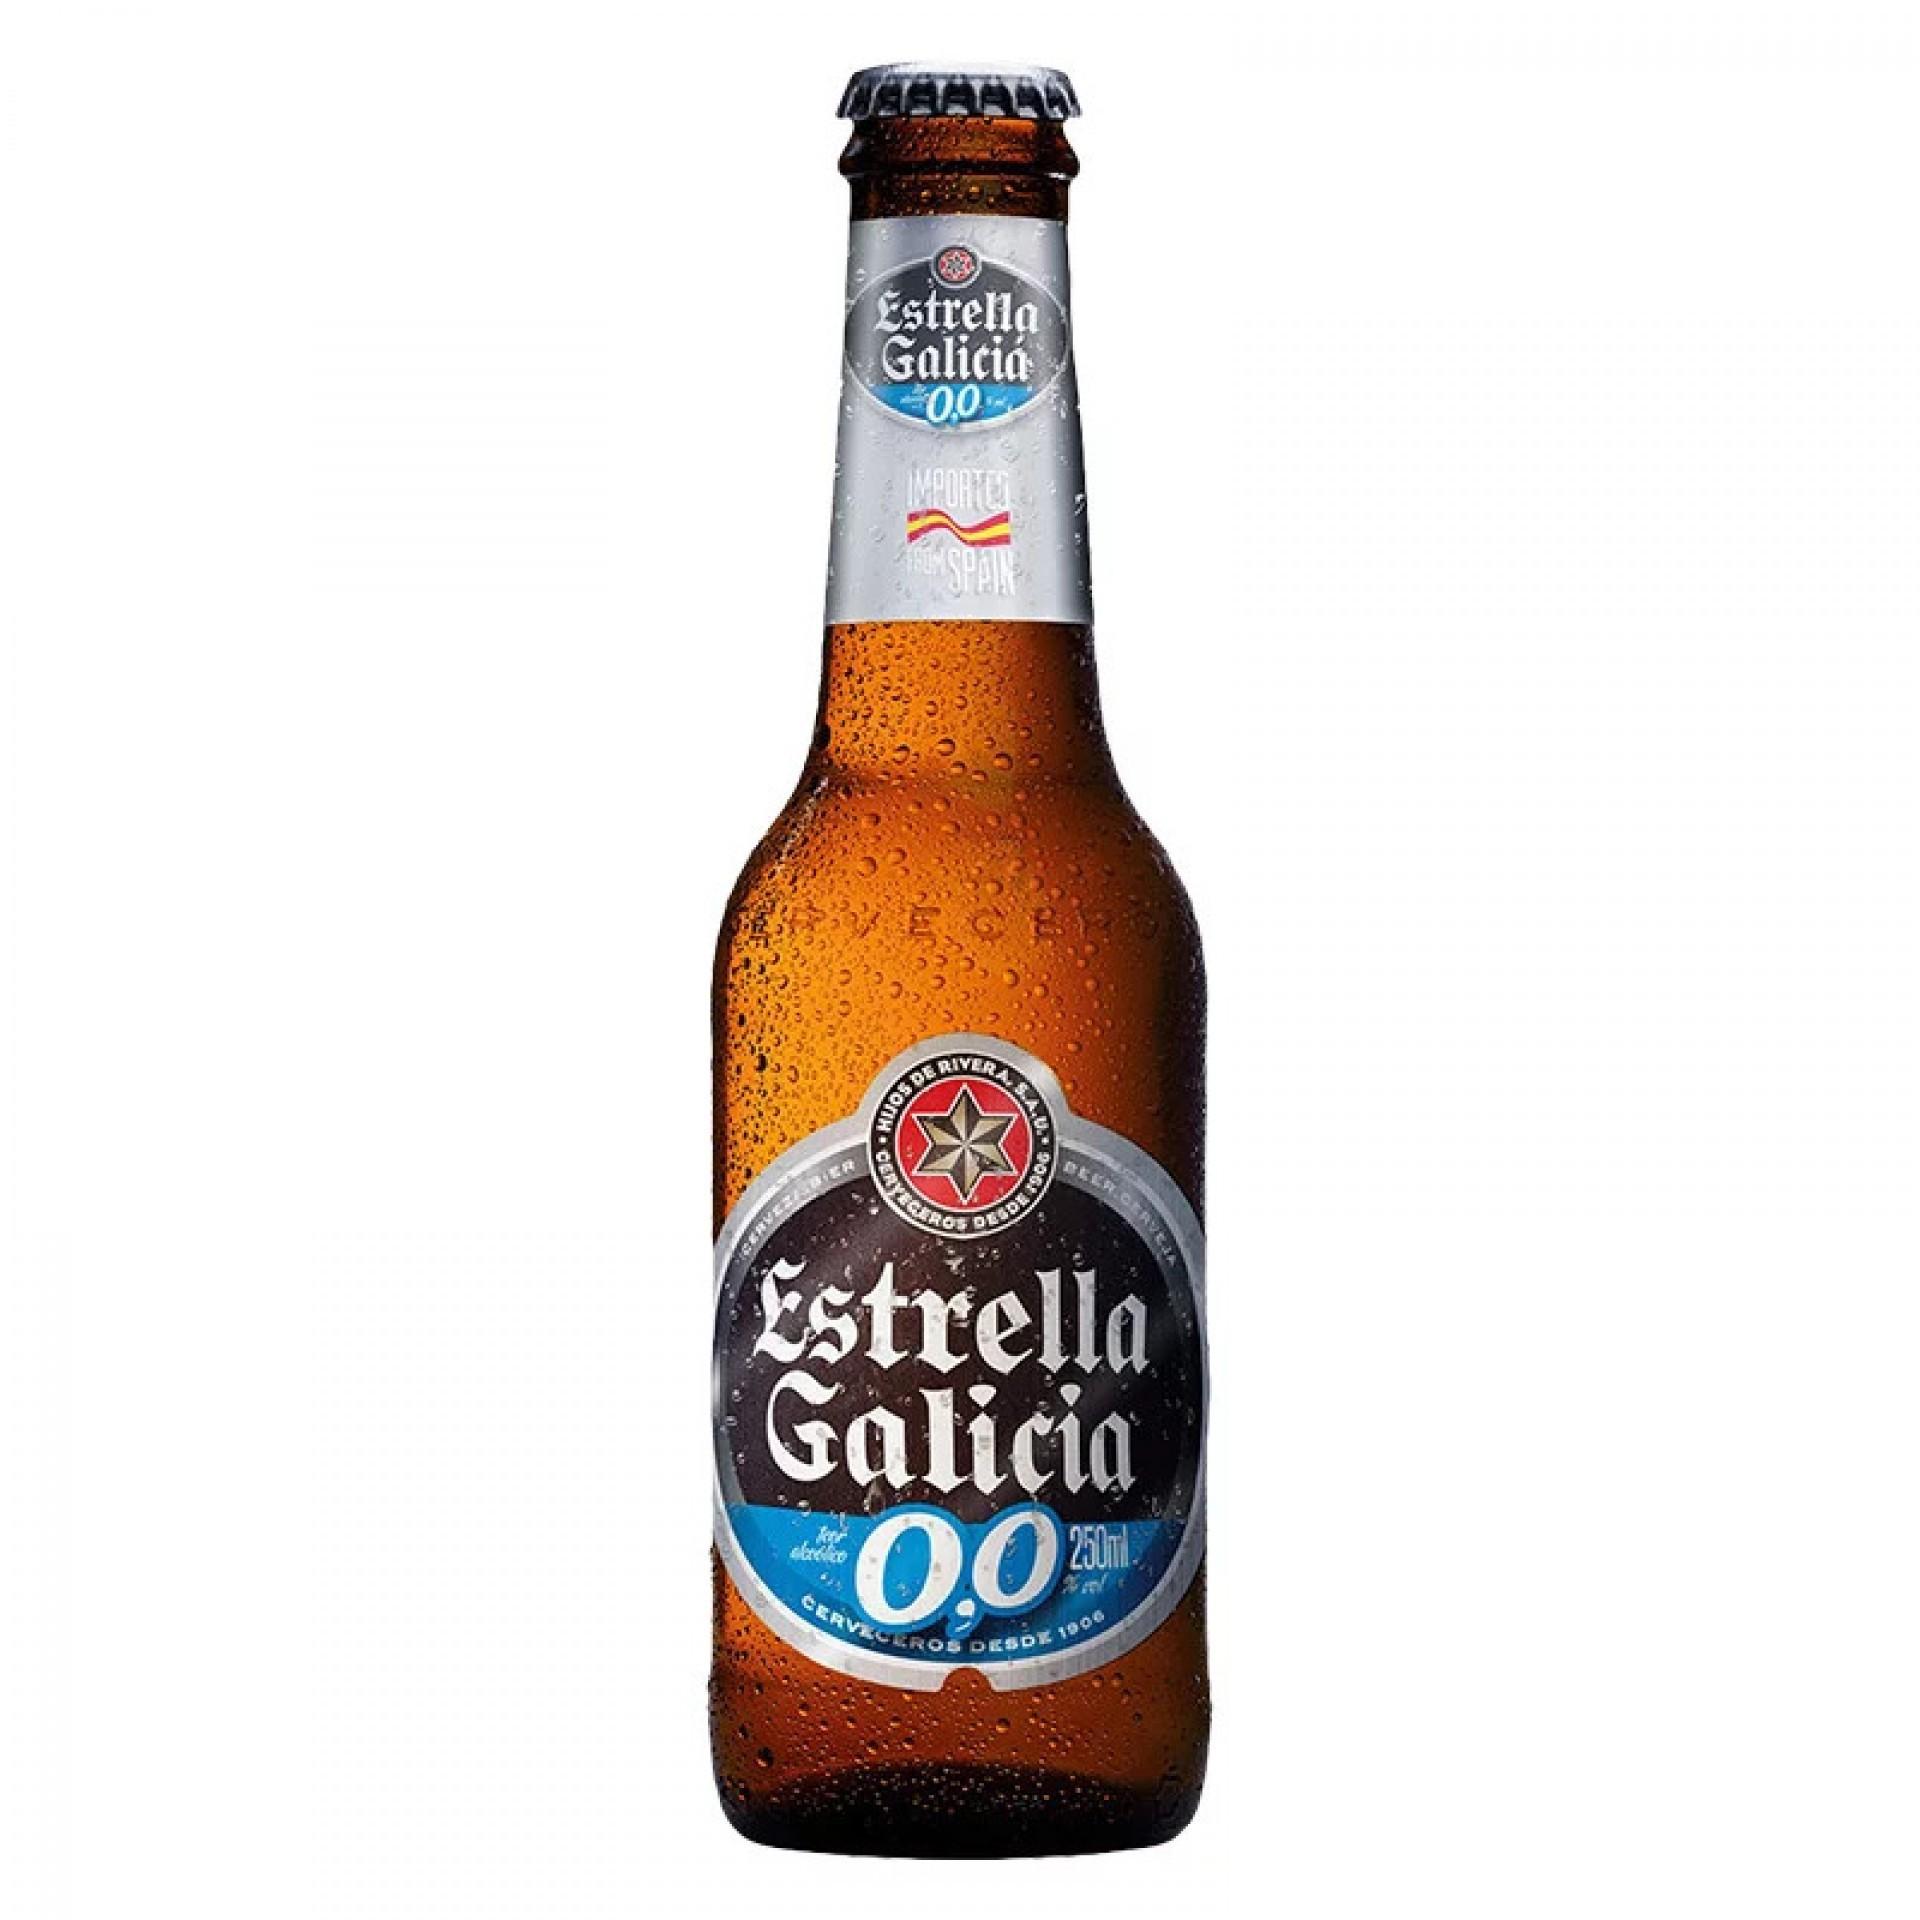 (Foto: Reprodução/Internet)Cerveja Estrella Galicia 0,0% Garrafa 250ml - R$ 4,39 (Mercantil Extra via iFood)